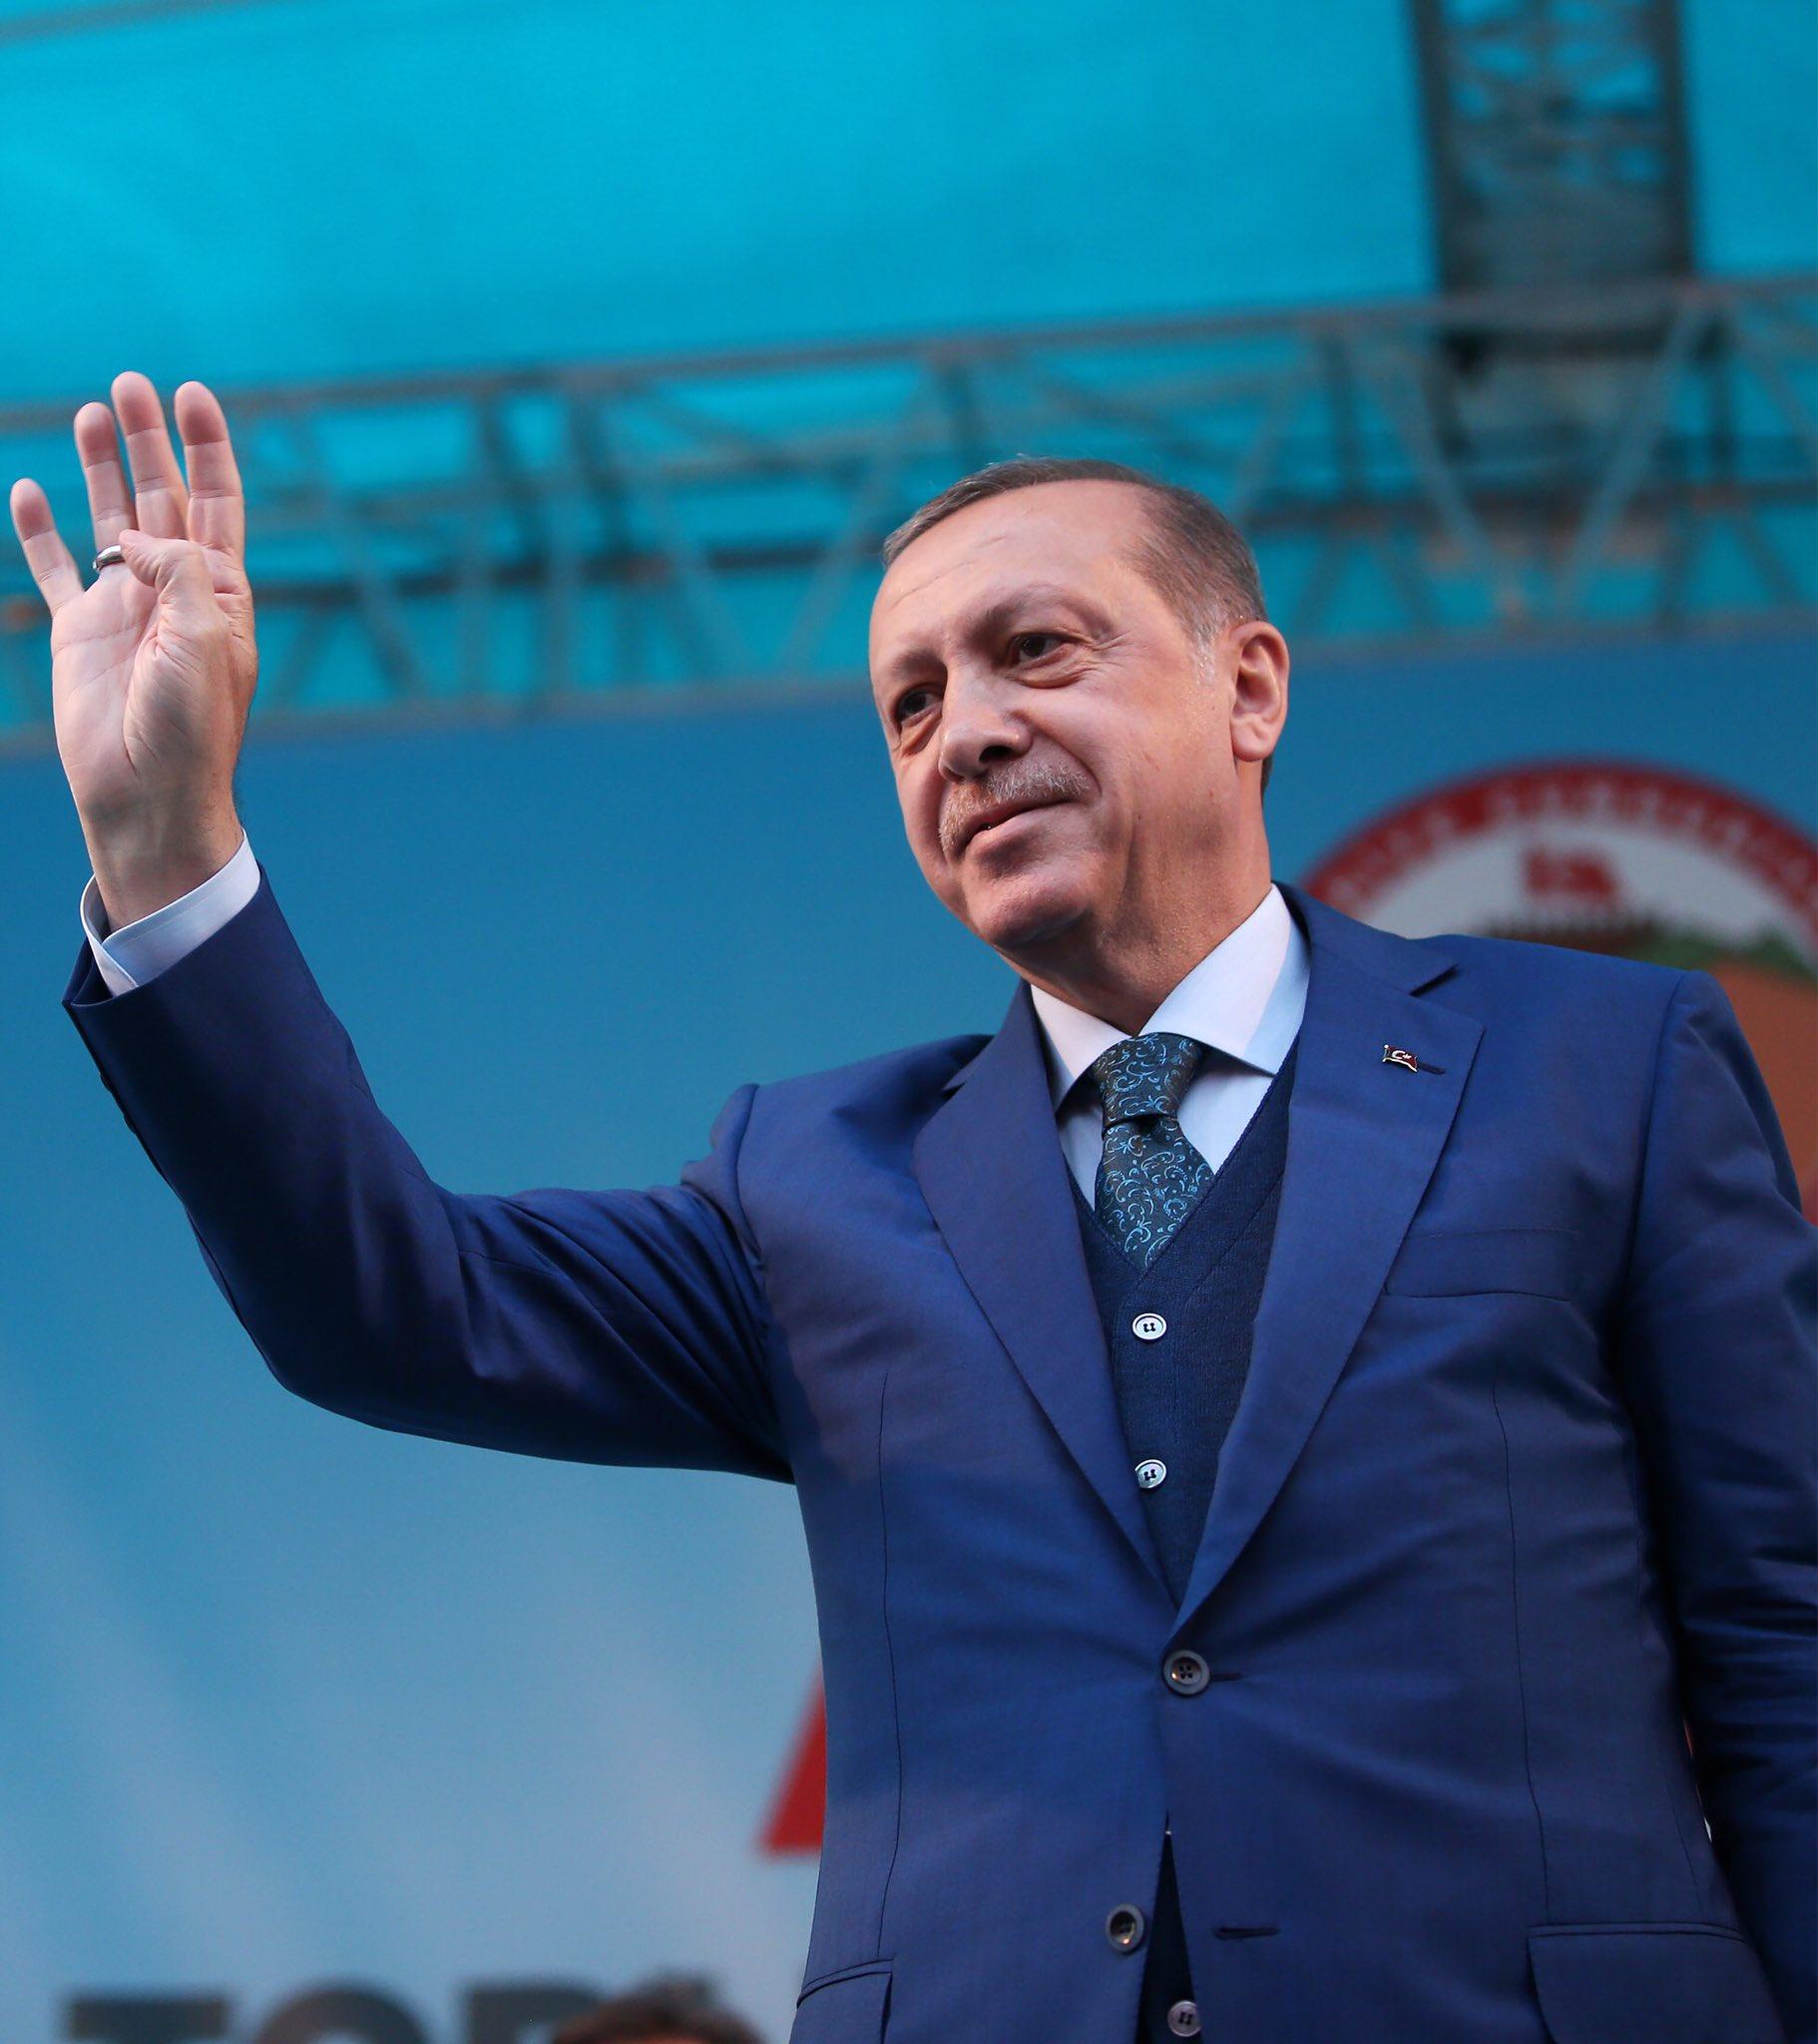 Teşekkürler Adana! https://t.co/MgiFFBfF5n